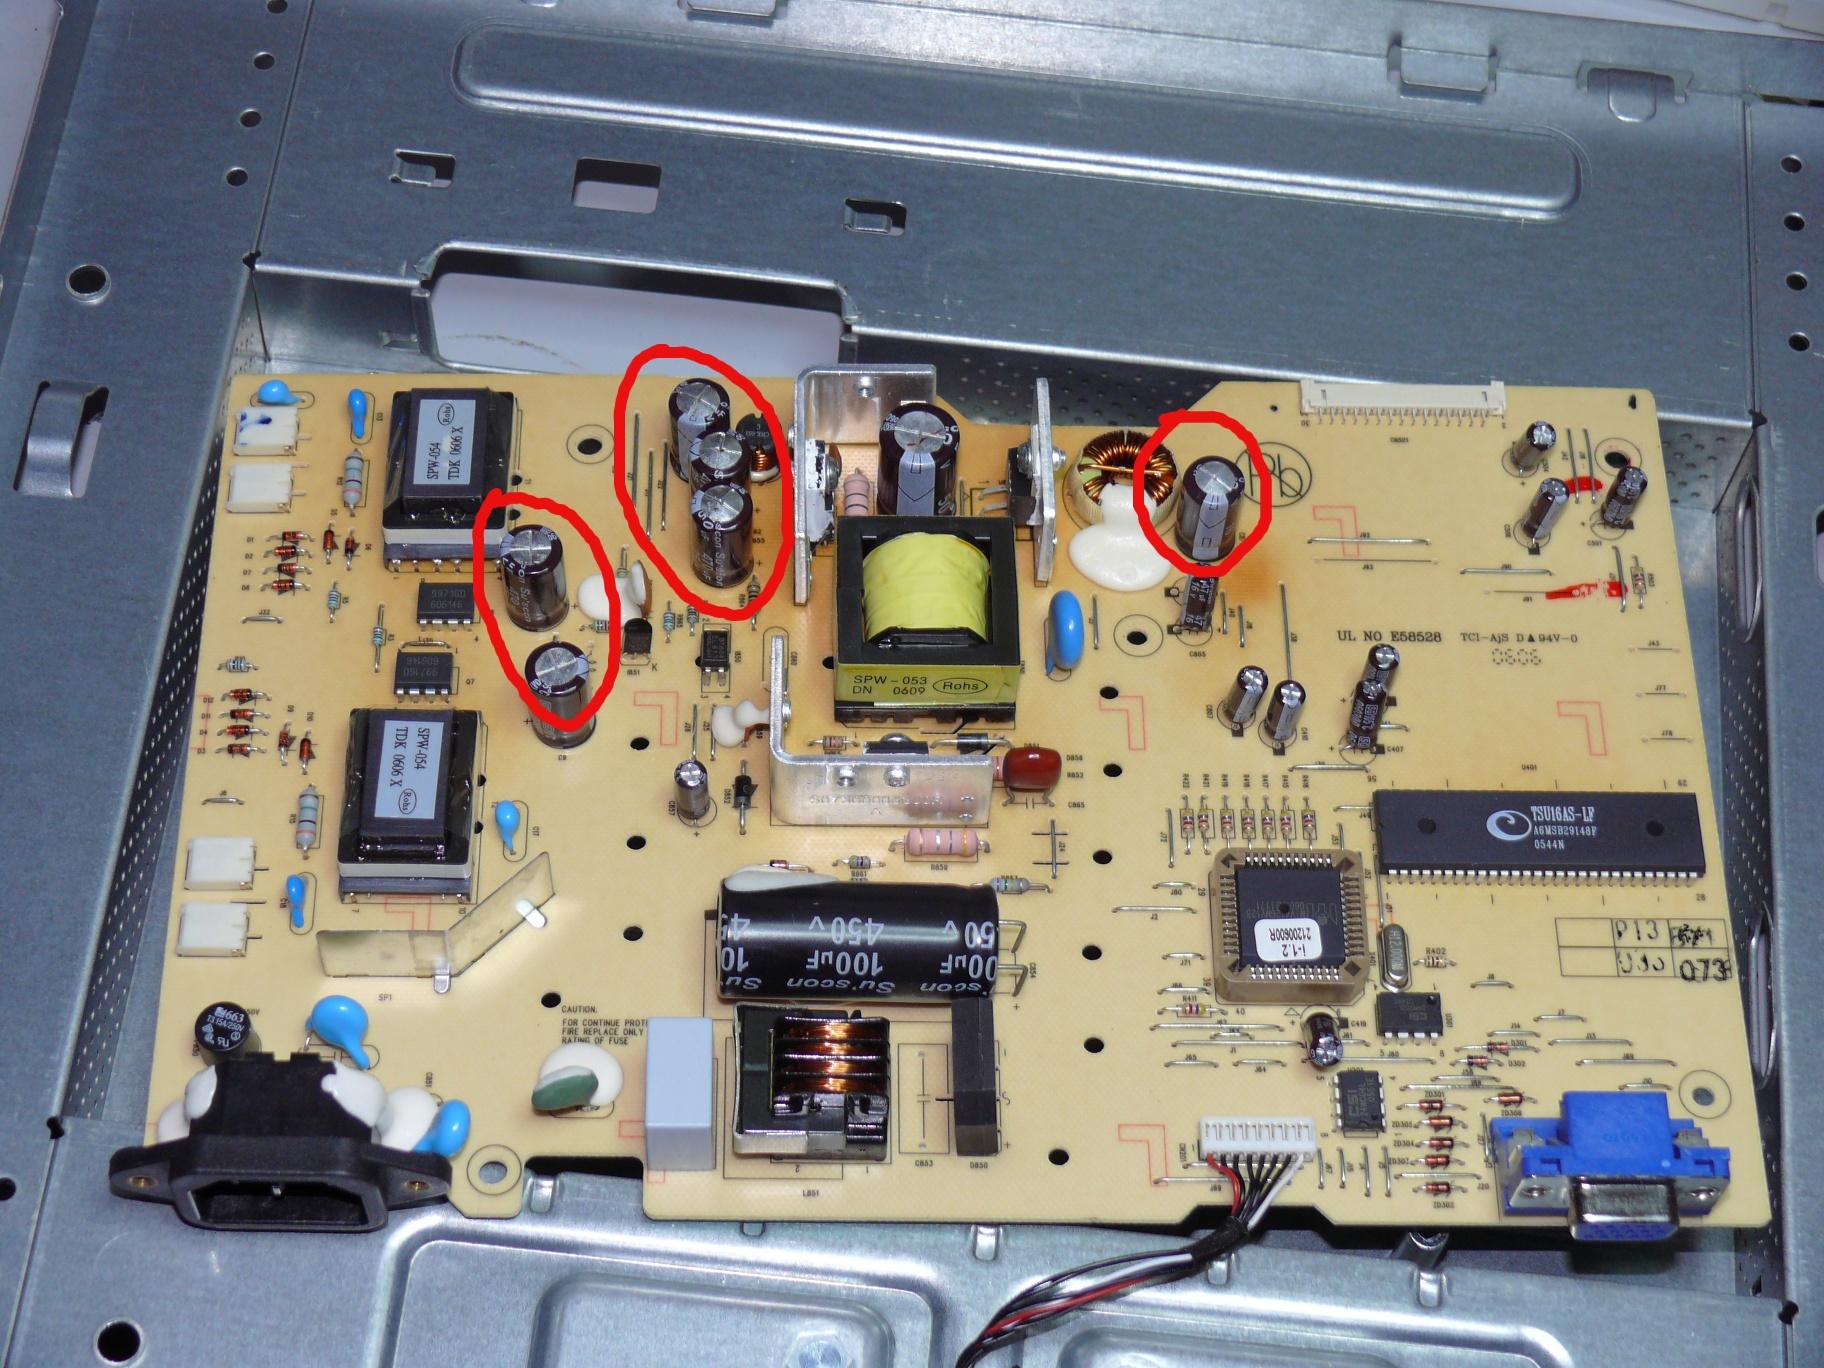 Schemi Elettrici Tv Lcd : Howto riparare un vecchio monitor lcd che non si accende più